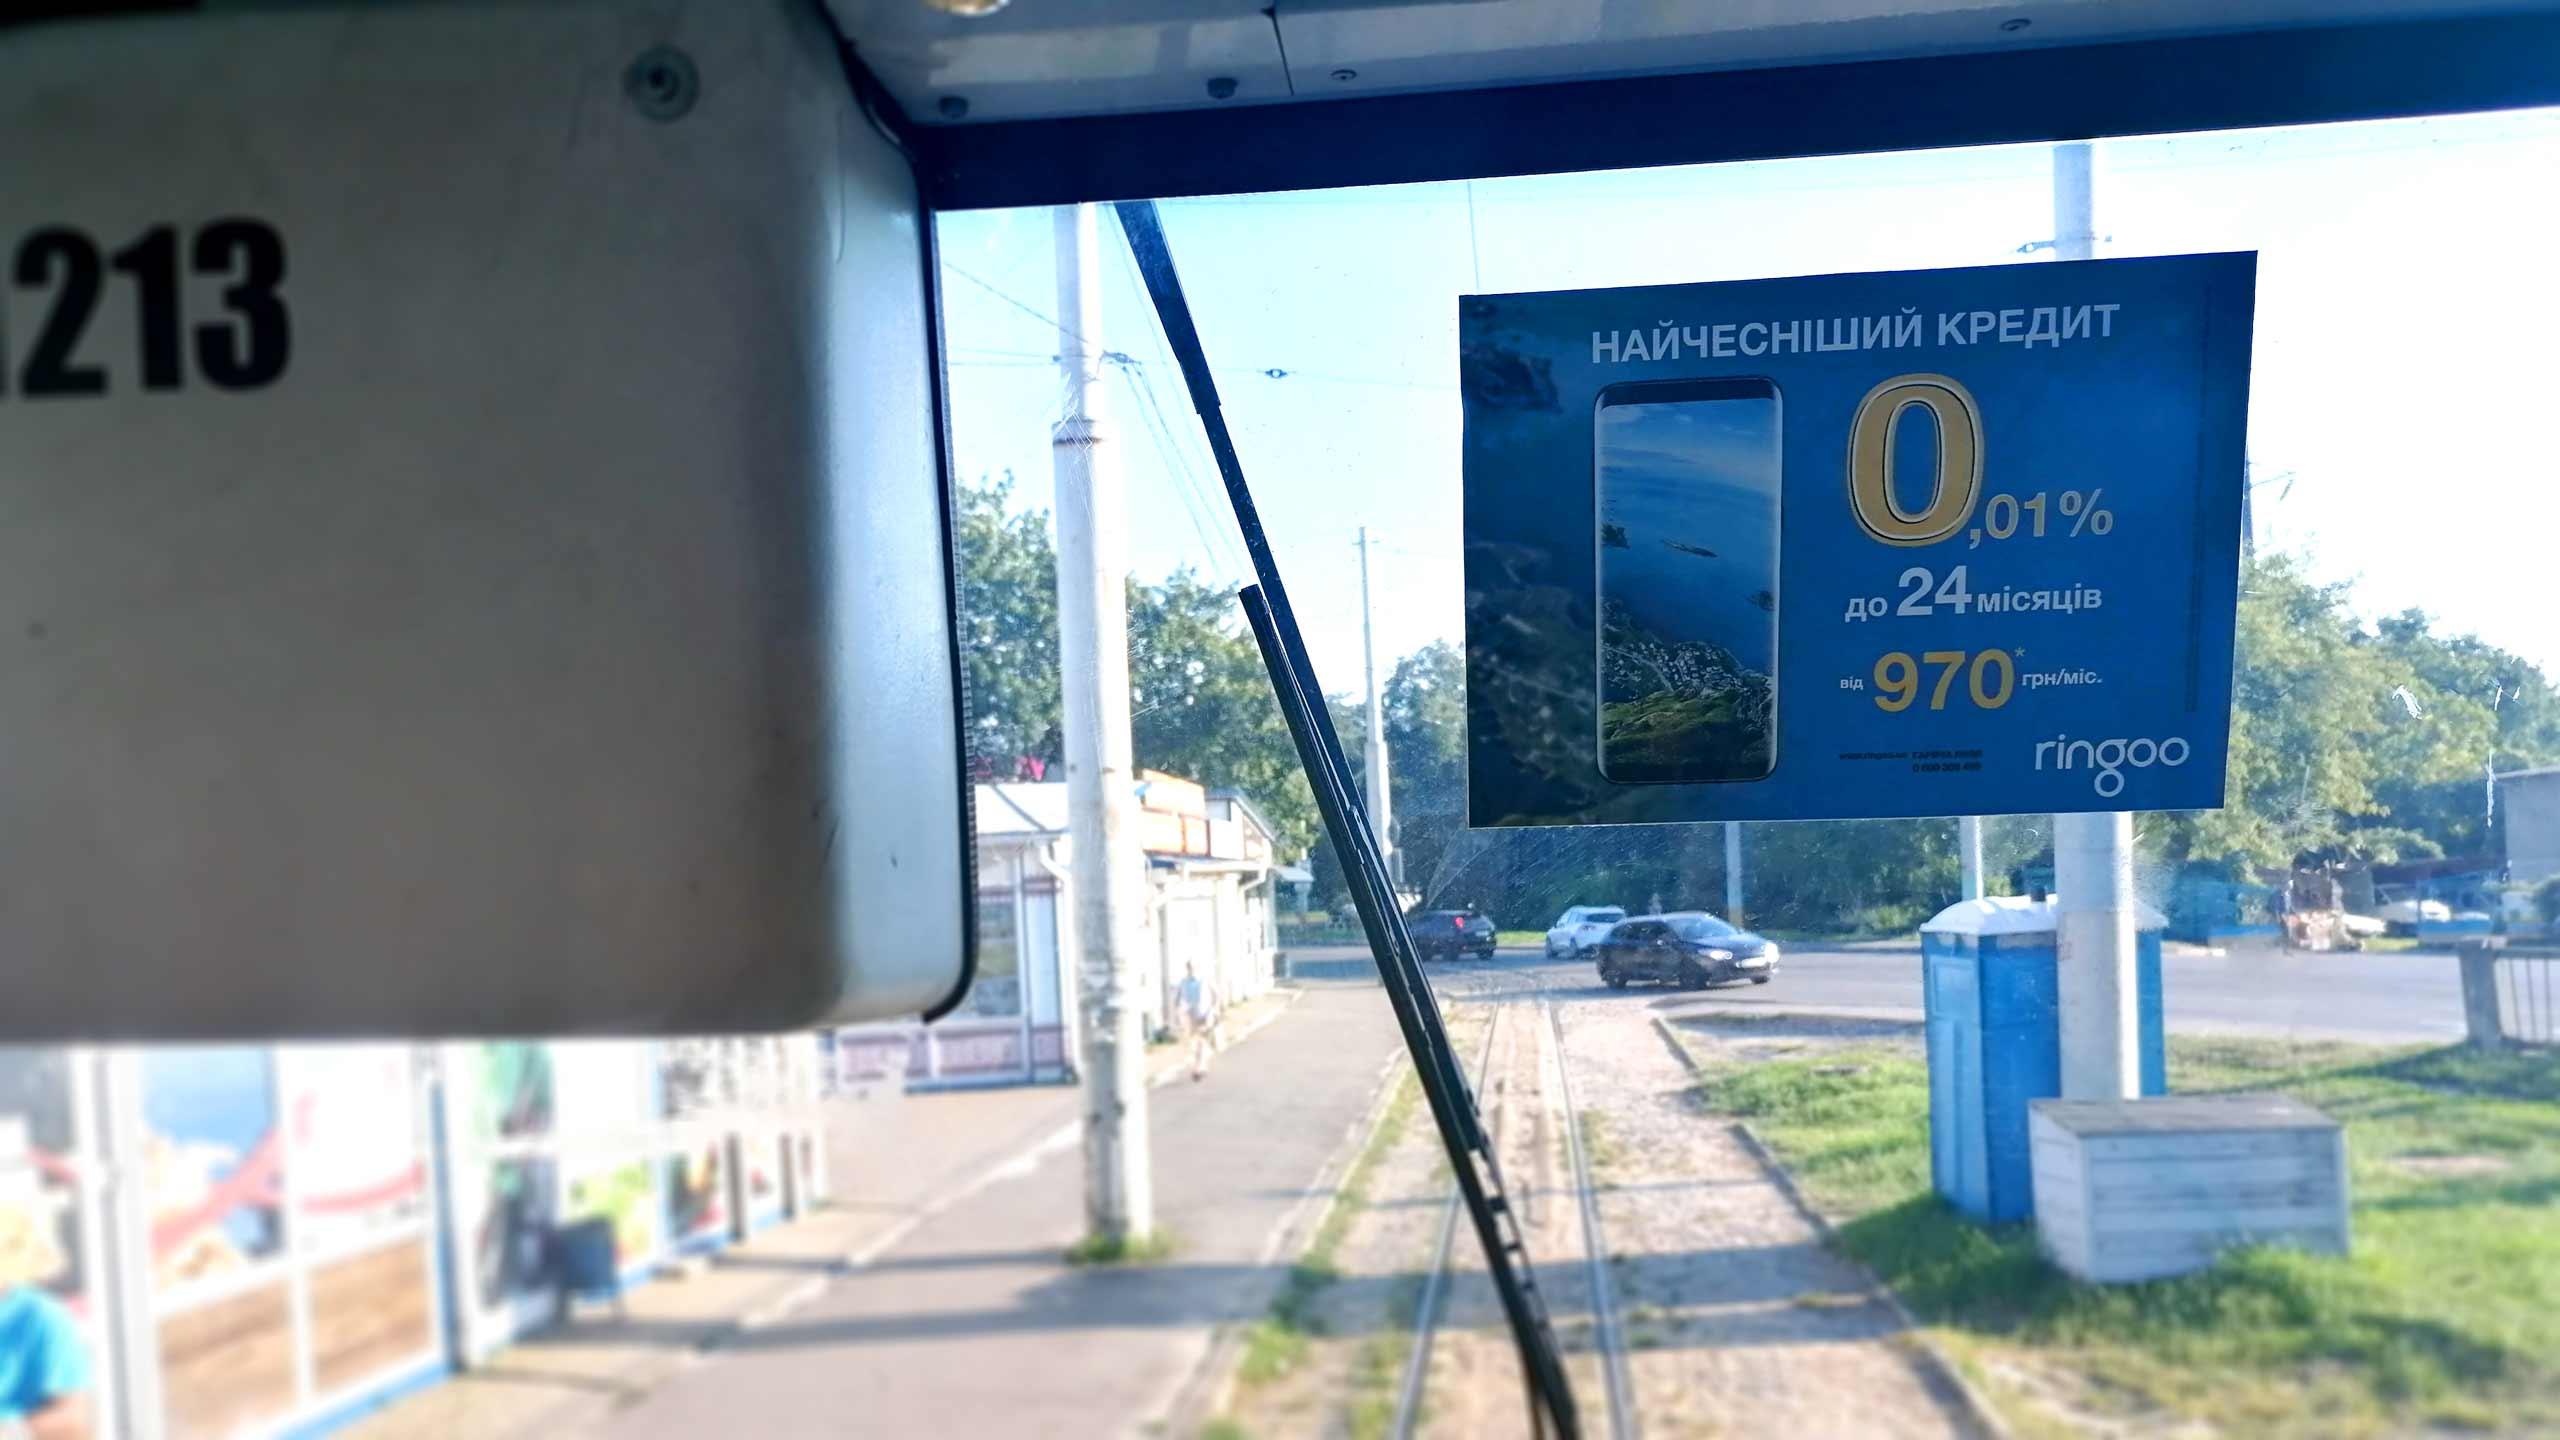 Реклама в трамваях Дніпро (Дніпропетровськ)